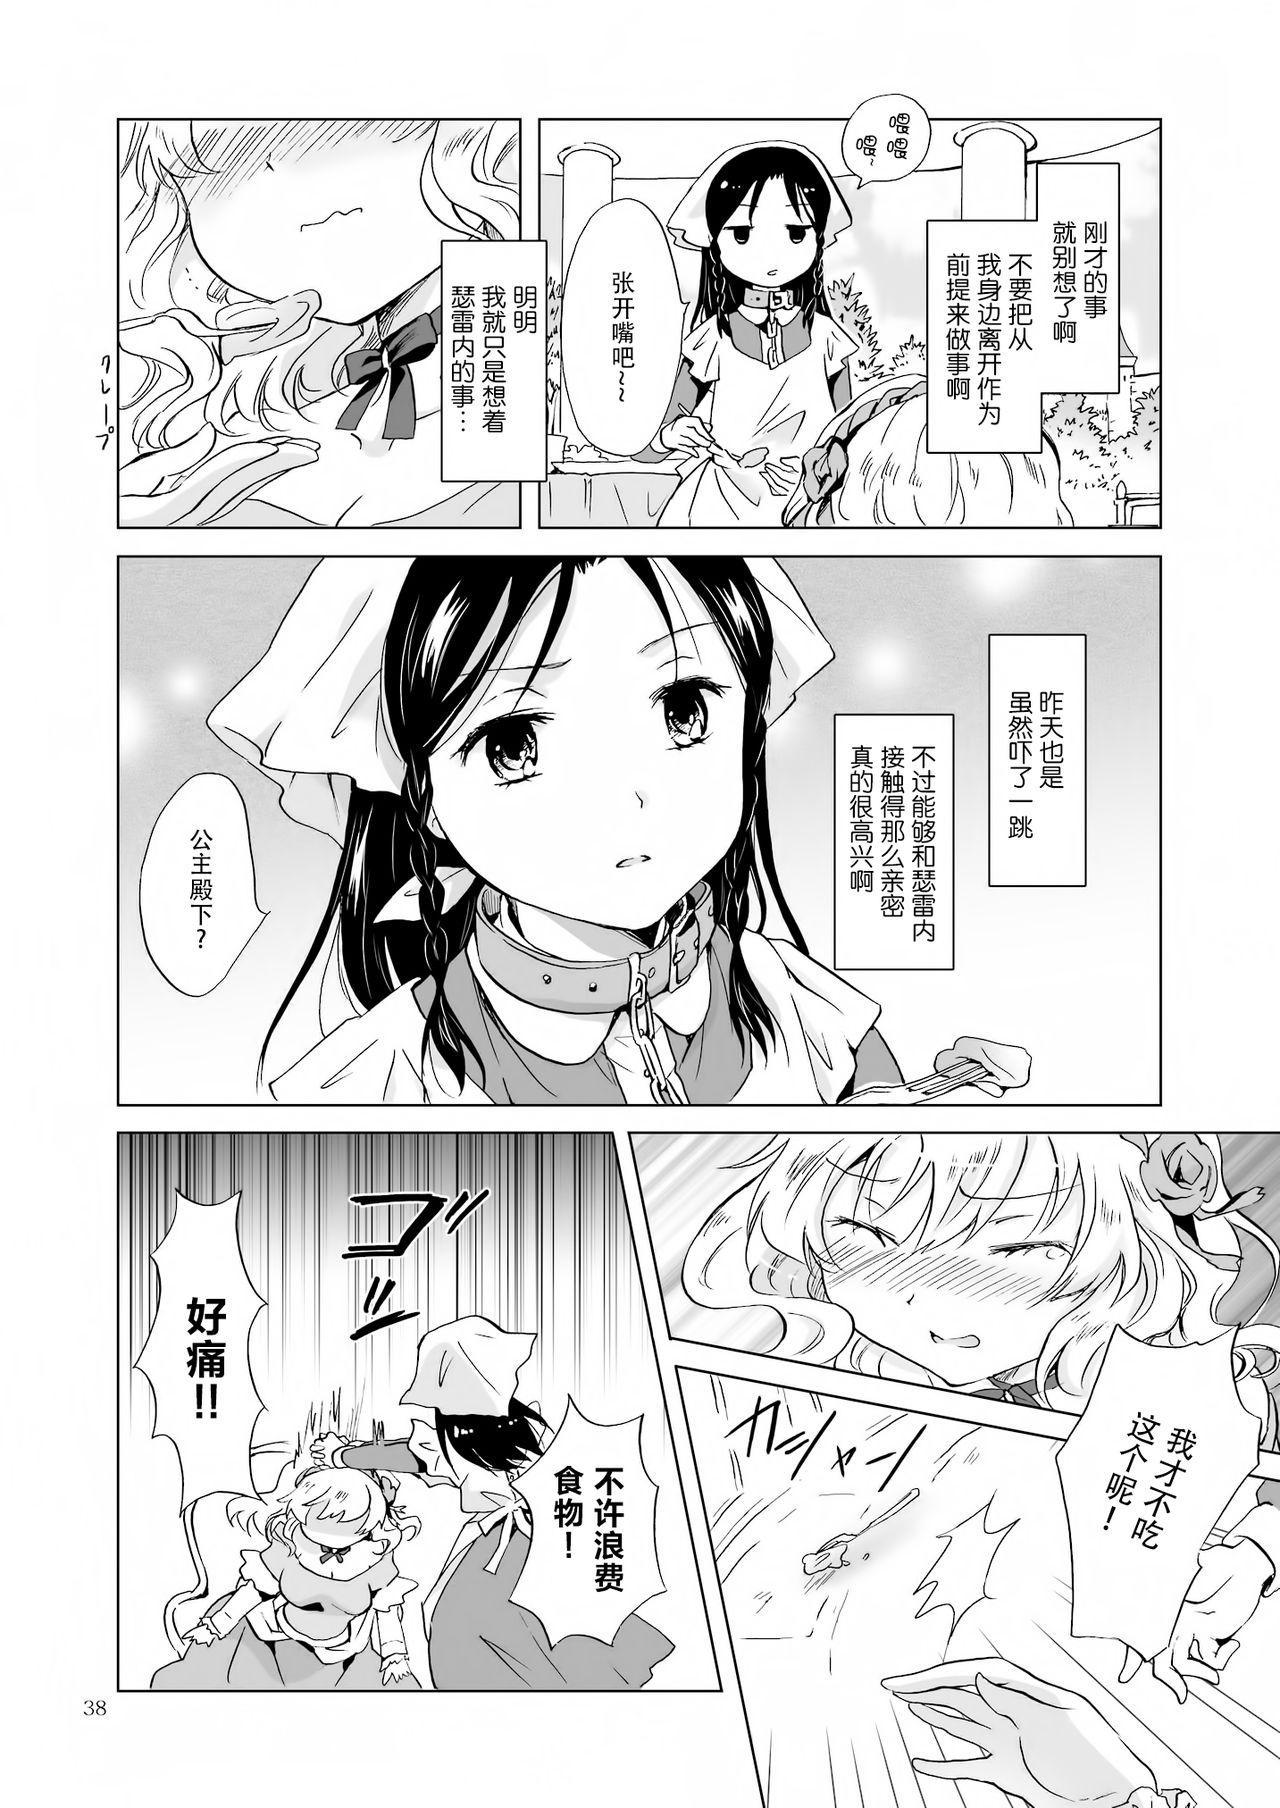 [peachpulsar (Mira)] Hime-sama to Dorei-chan [Chinese] [脸肿汉化组] [Digital] 37